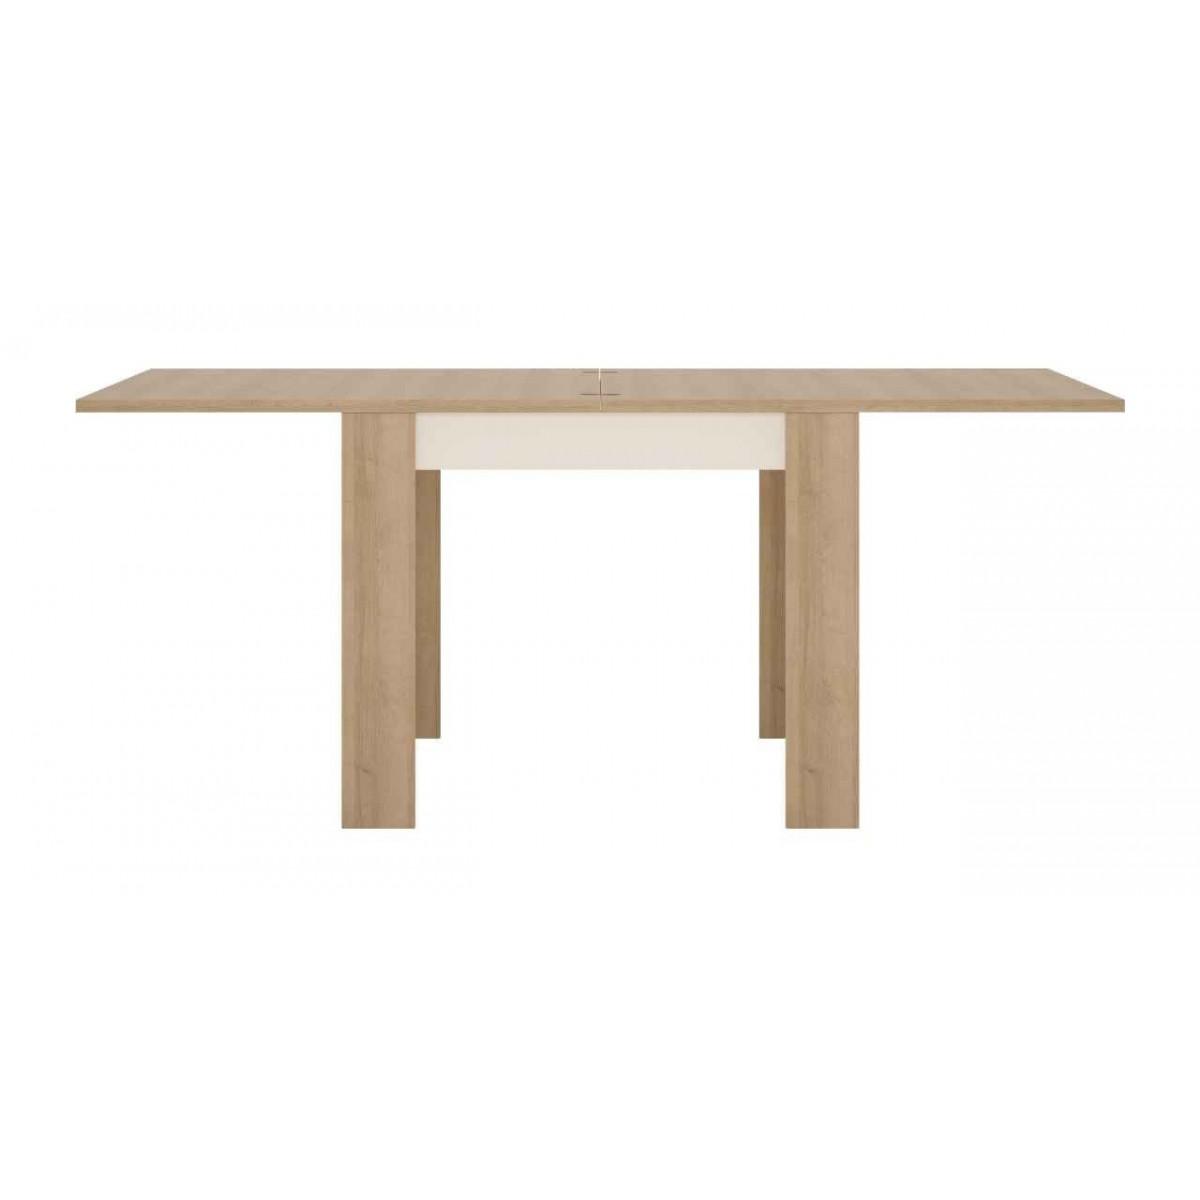 Stół rozkładany 90-180 cm x 90 cm (6 osób) Dąb riviera jasny Lyon Jasny LYOT05